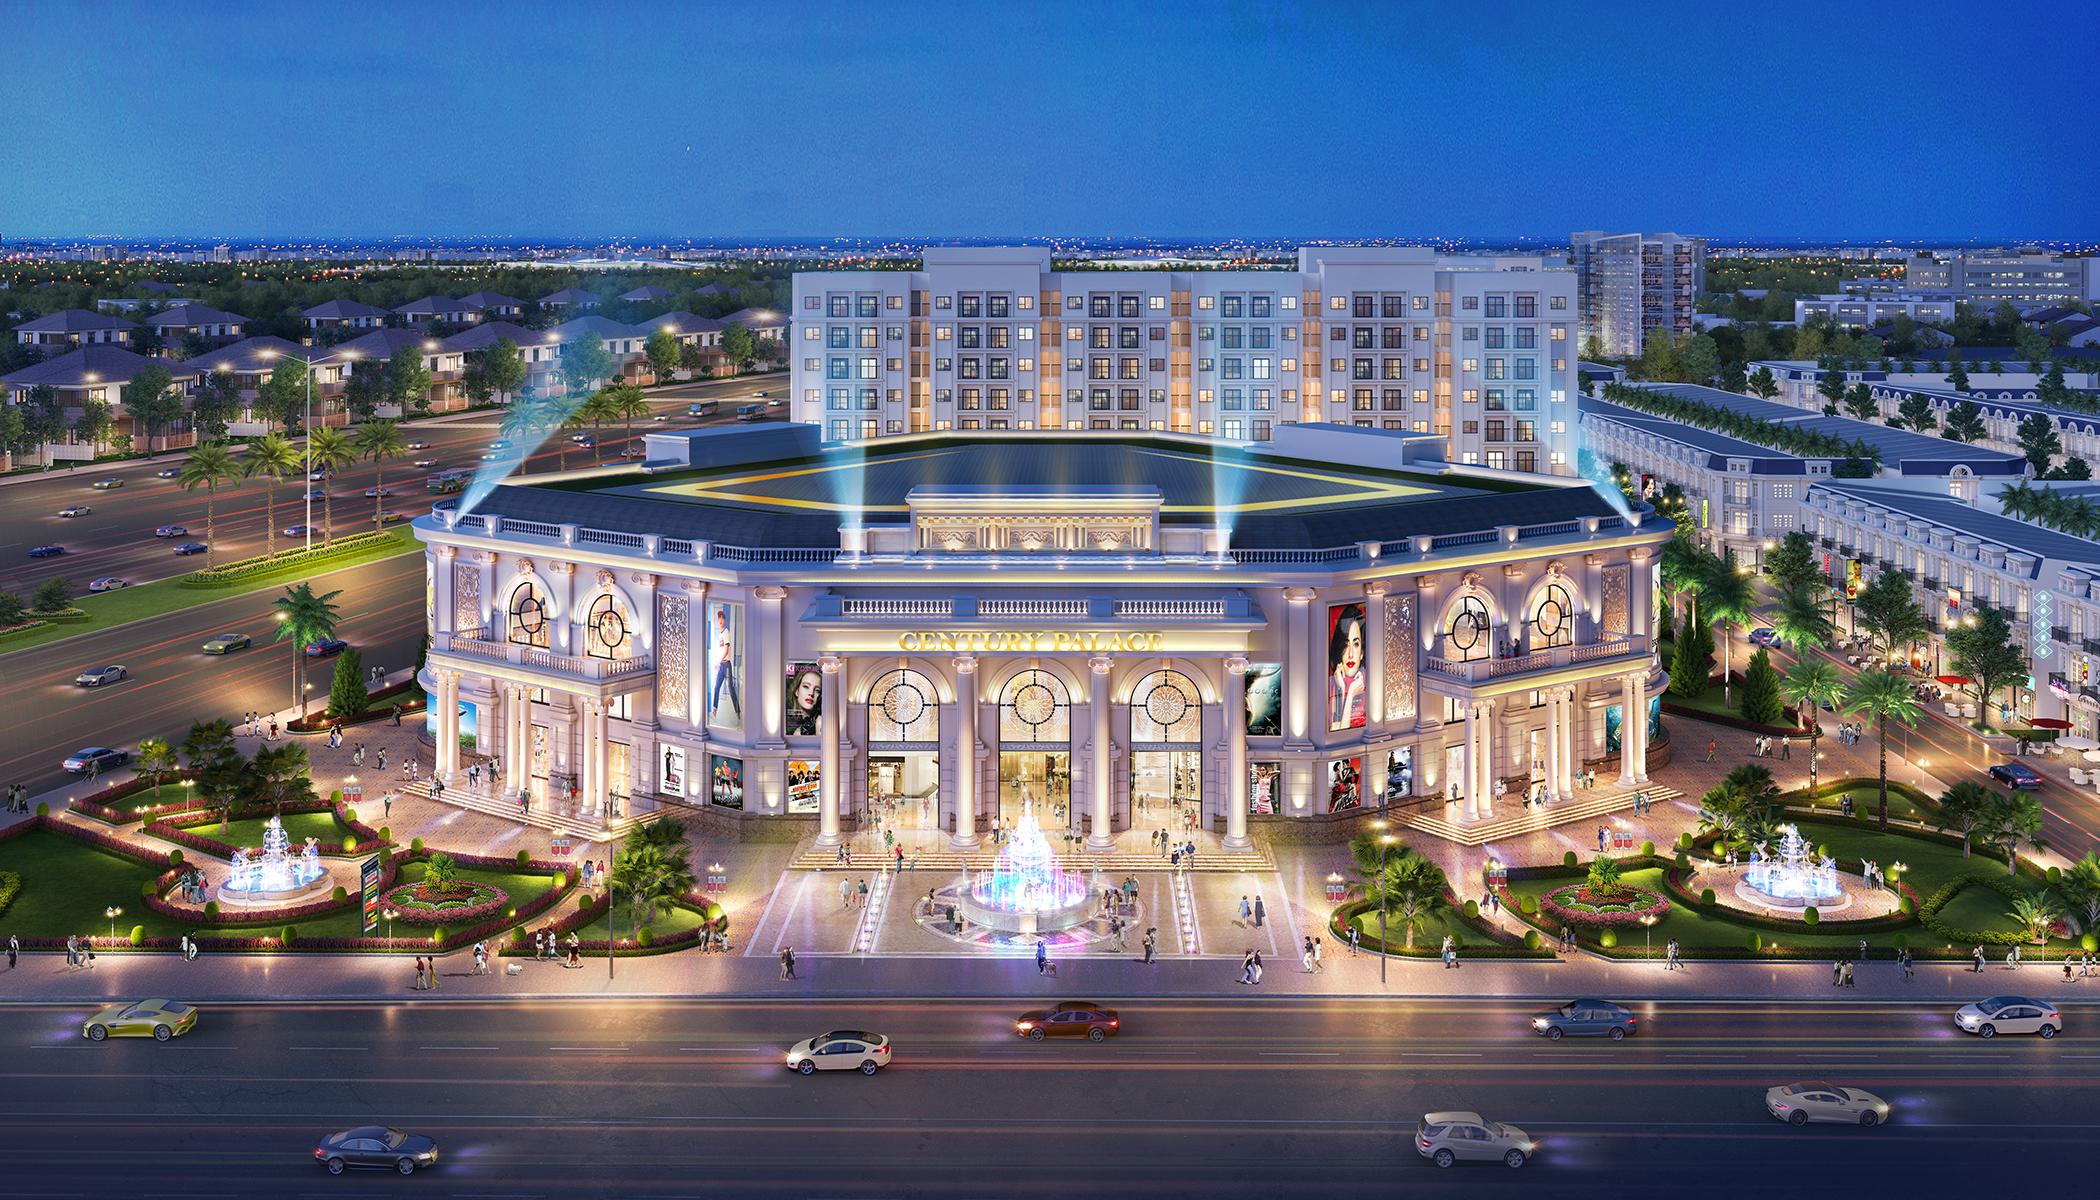 Trung Tâm Thương Mại Century City